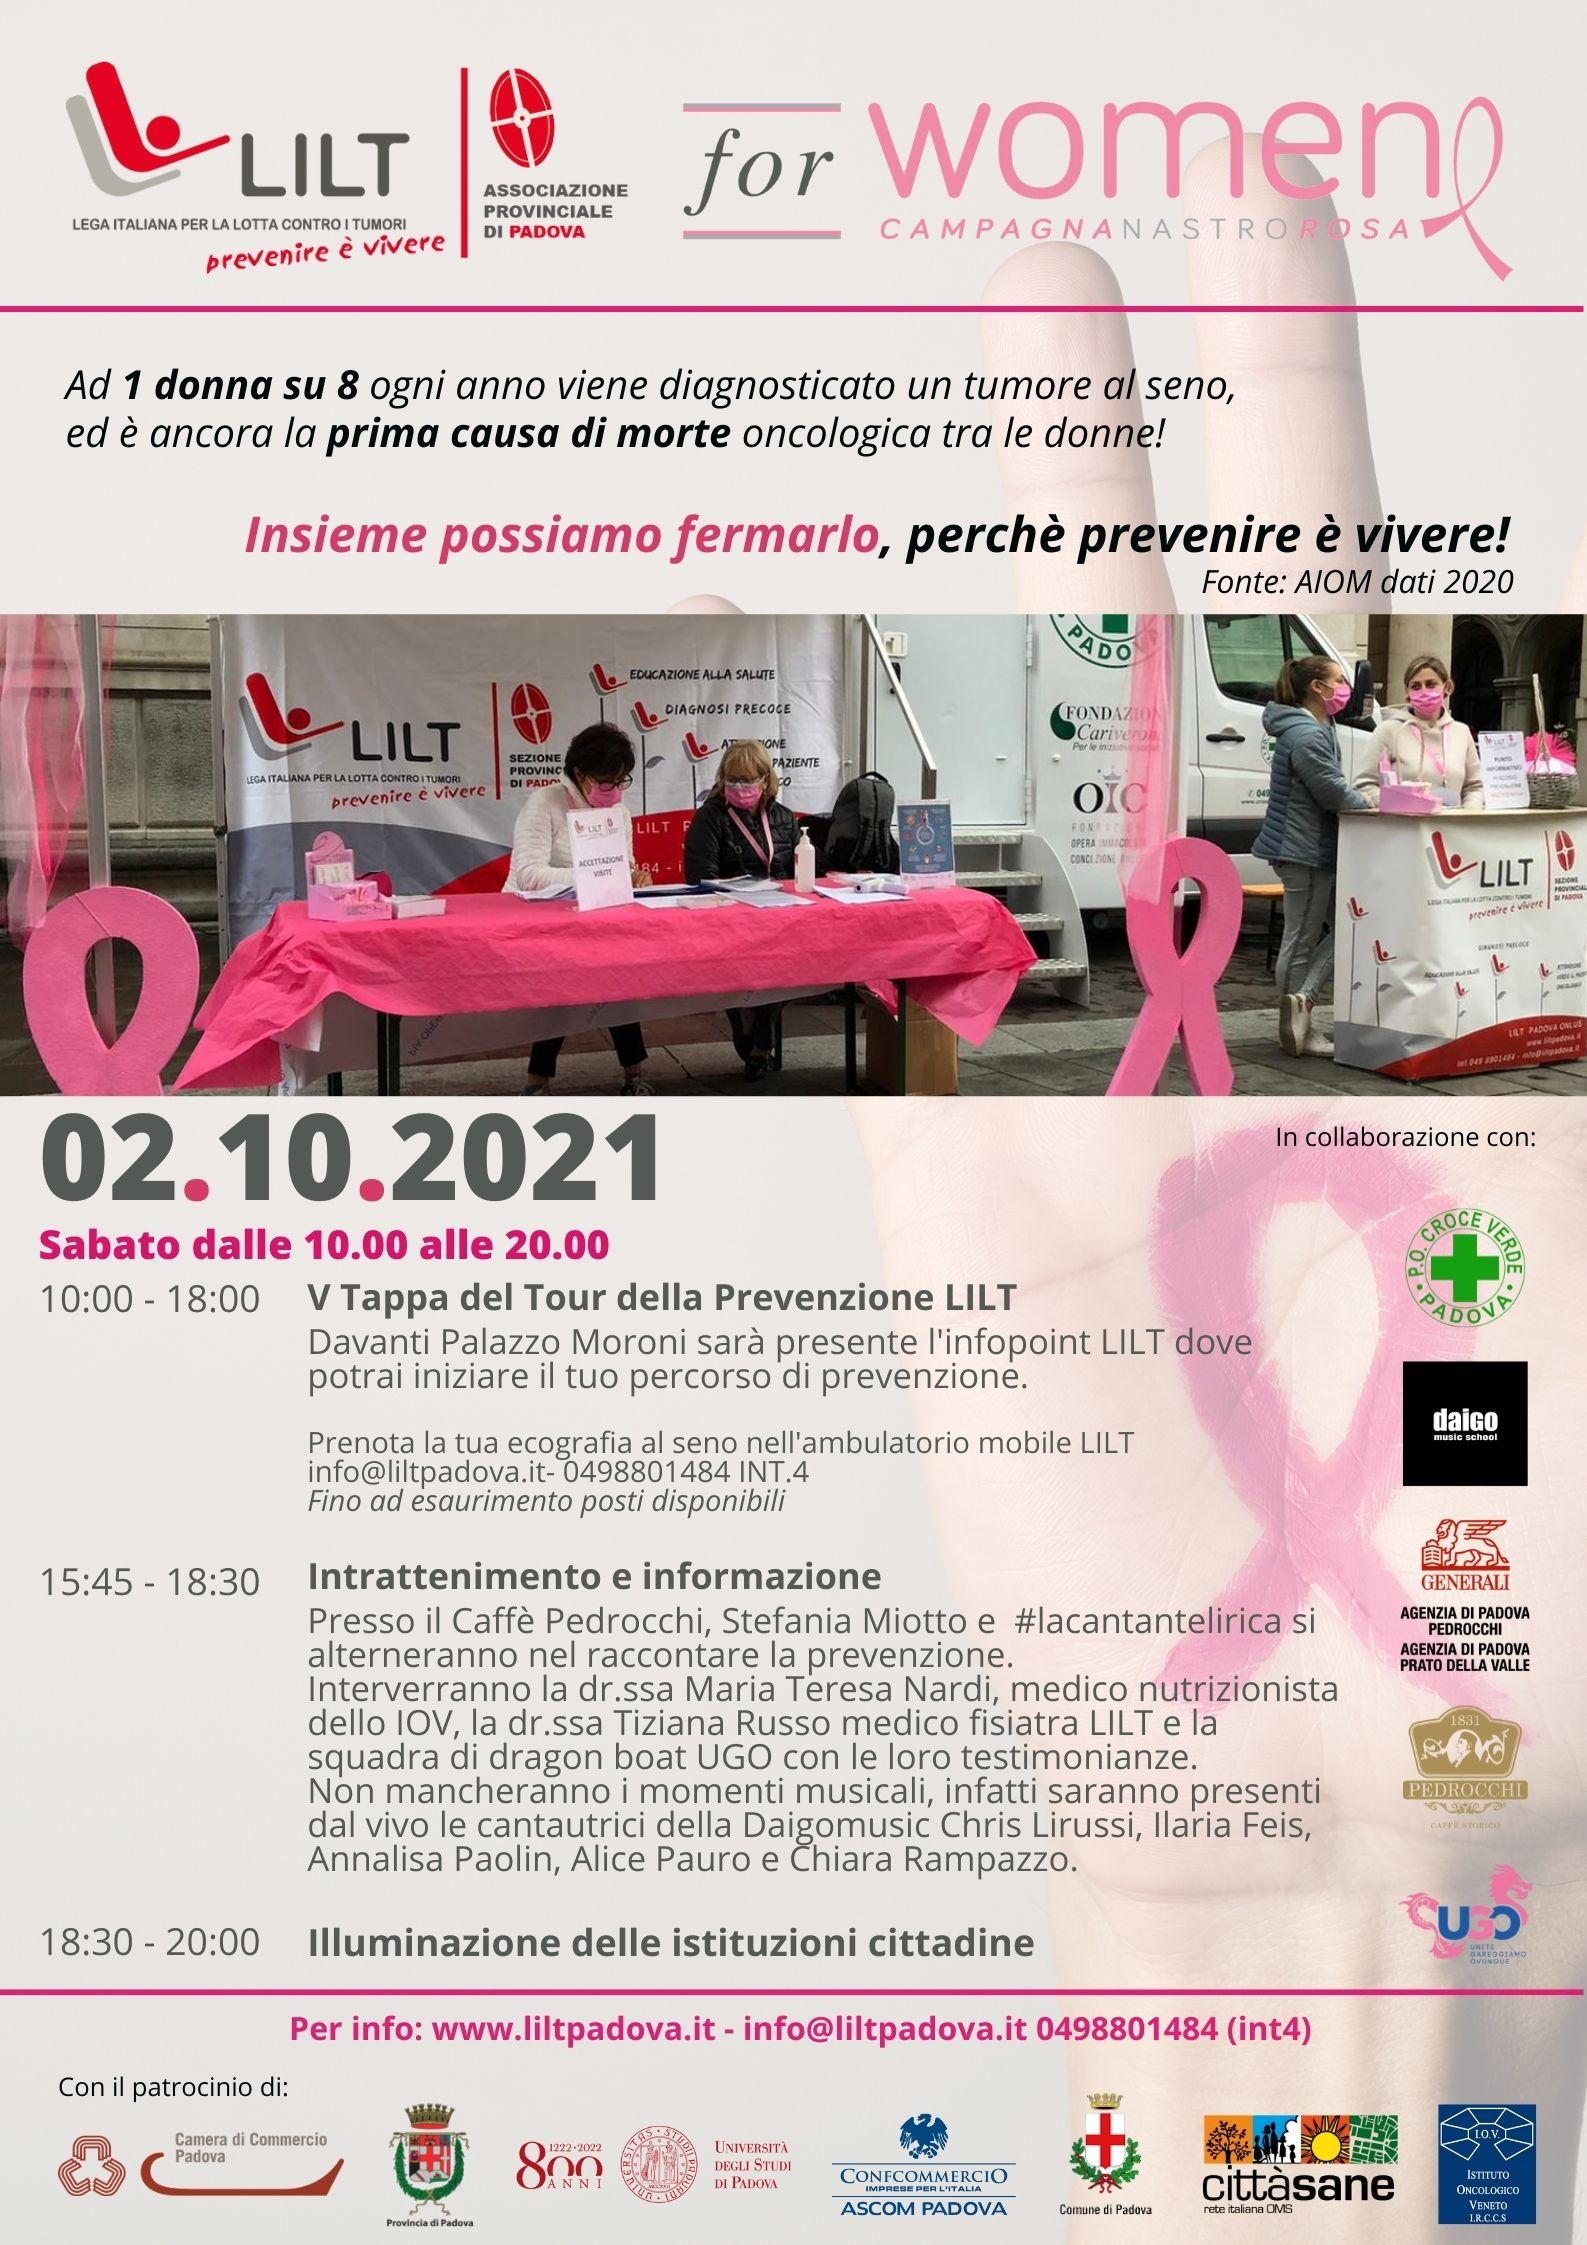 #LILTforWOMEN 2021: Padova e provincia si tingono di rosa per la prevenzione del tumore al seno!